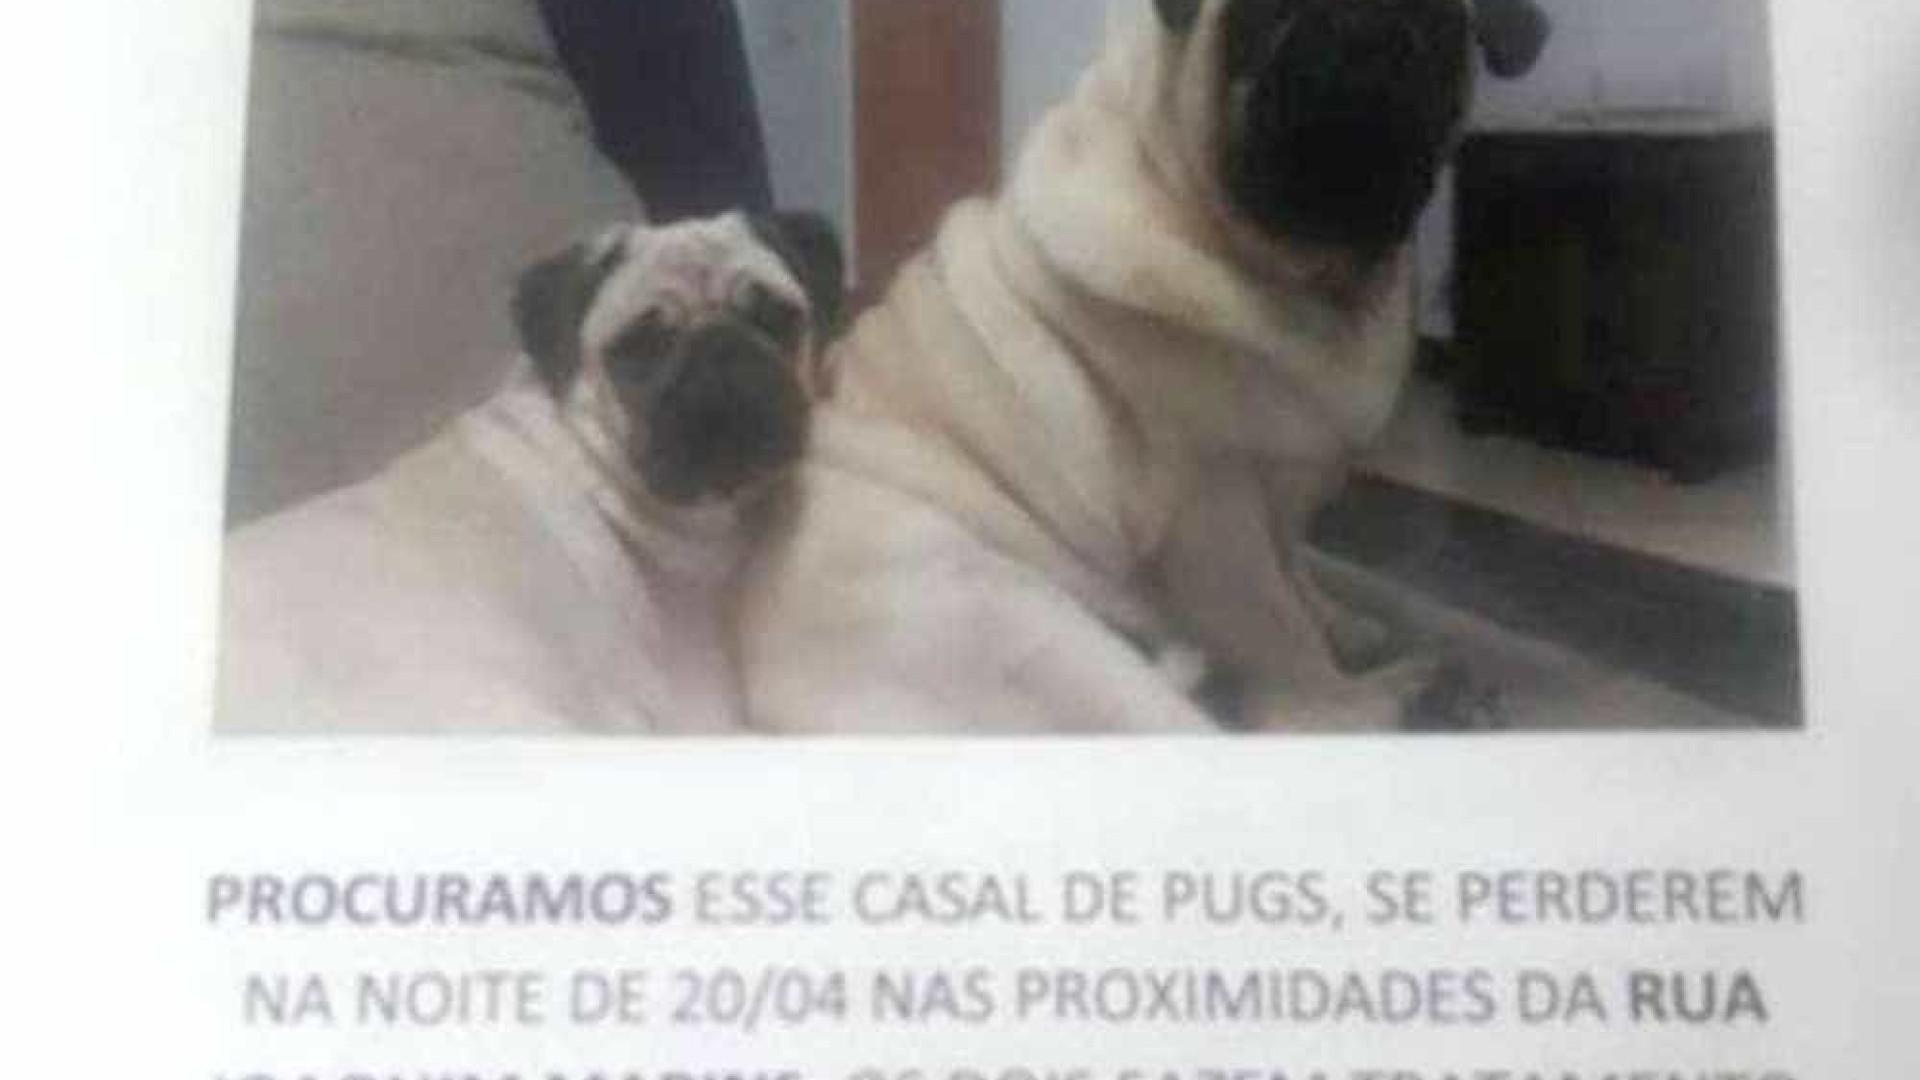 Casal oferece carro como recompensa por cães desaparecidos